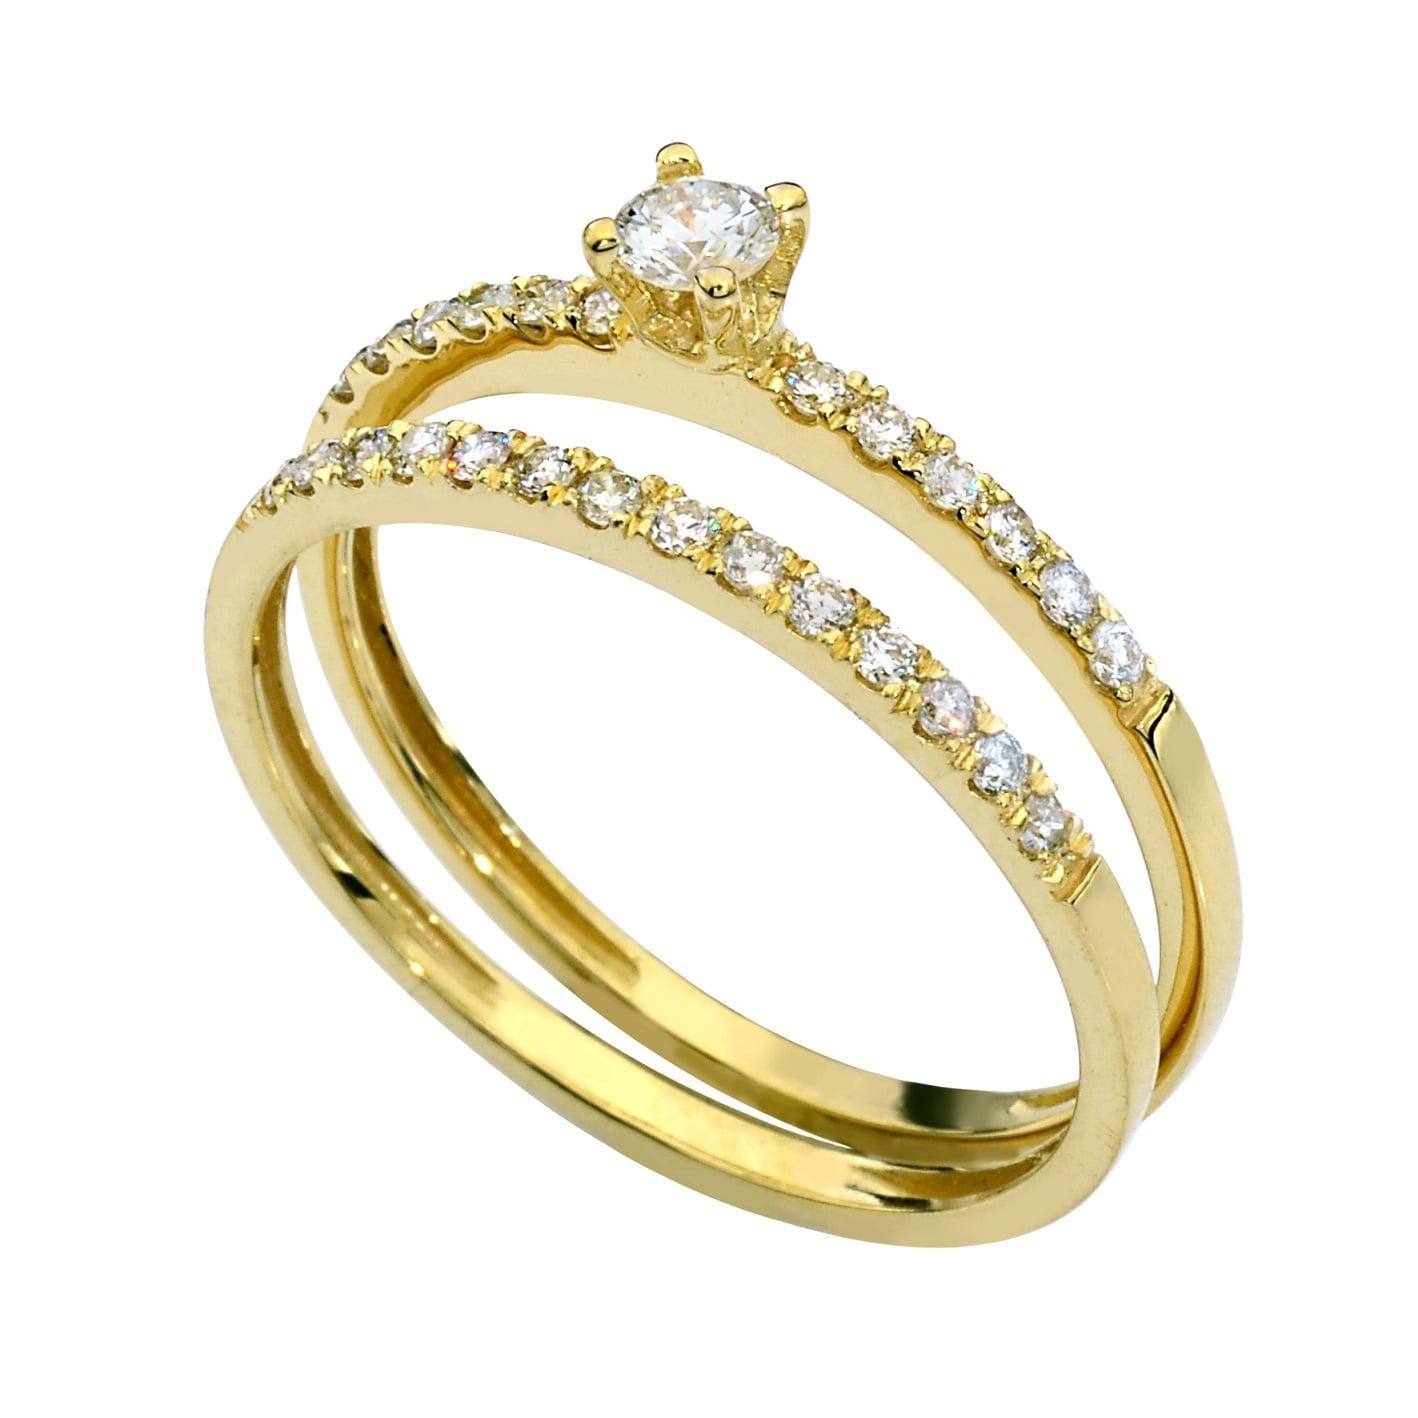 טבעות יהלומים צמודות 0.40 קראט בזהב 14 קאראט